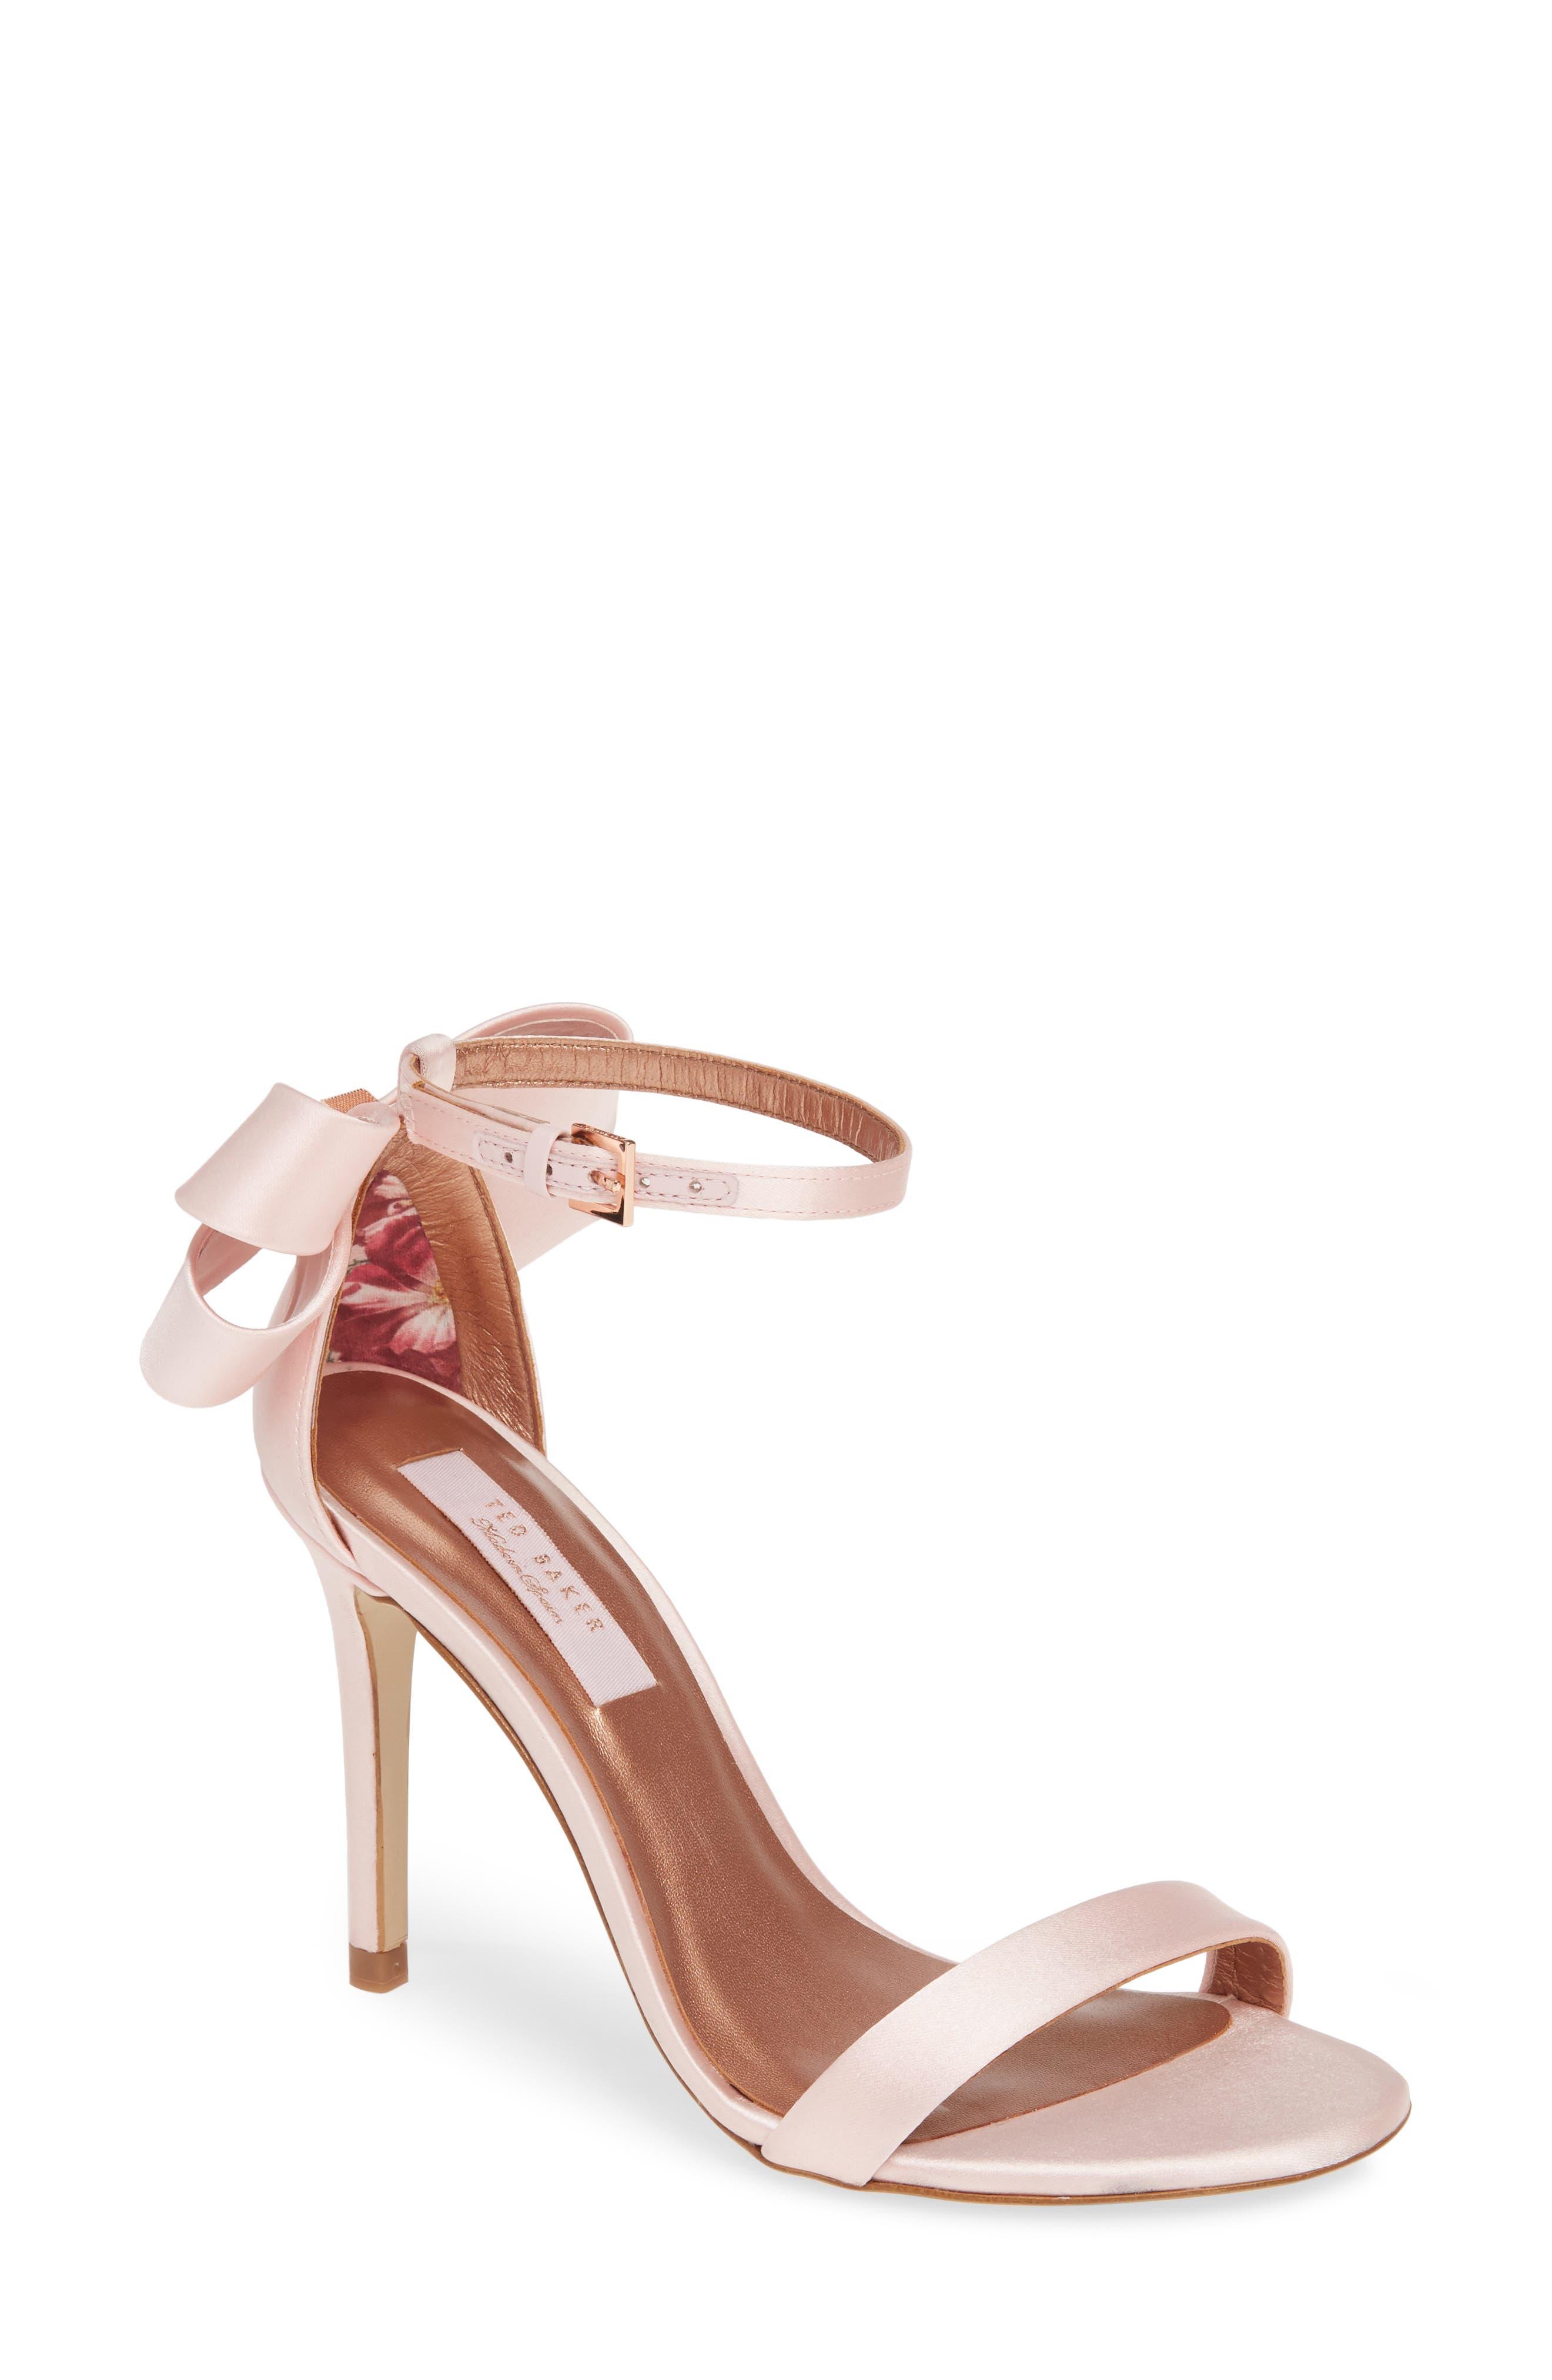 Ted Baker London Sandalo Sandal (Women)